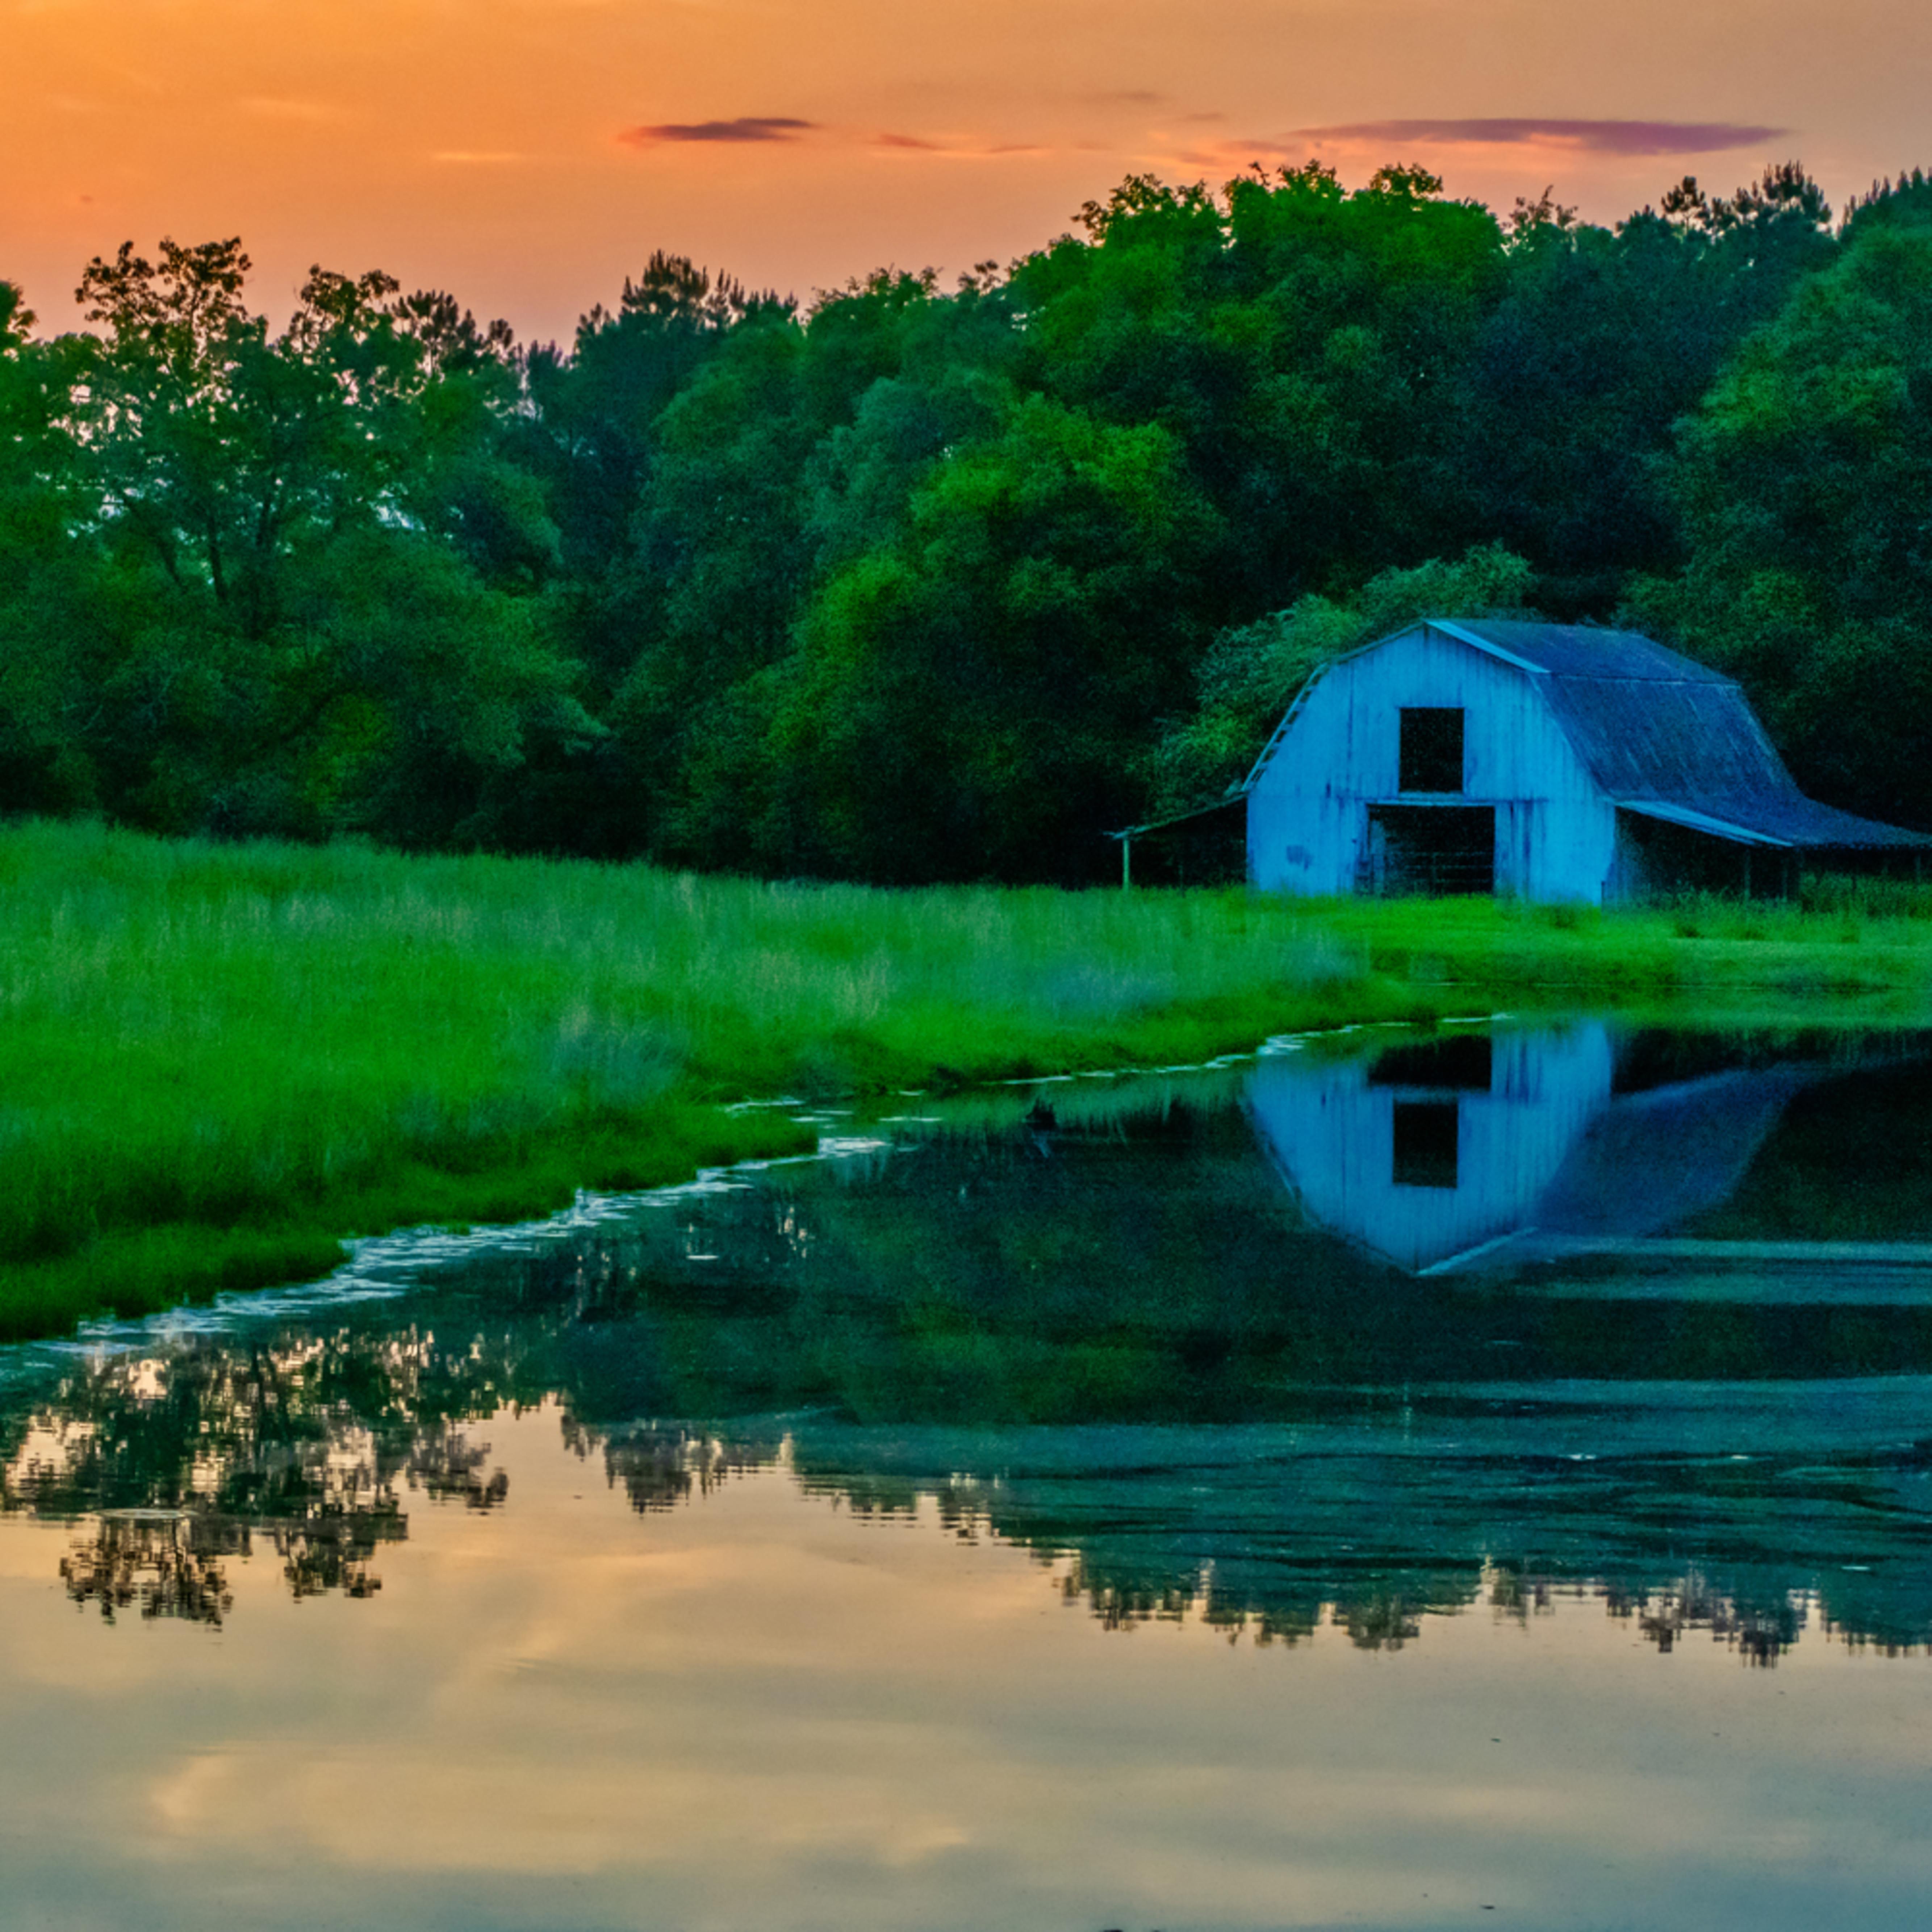 Andy crawford photography alabama farm lyyz75